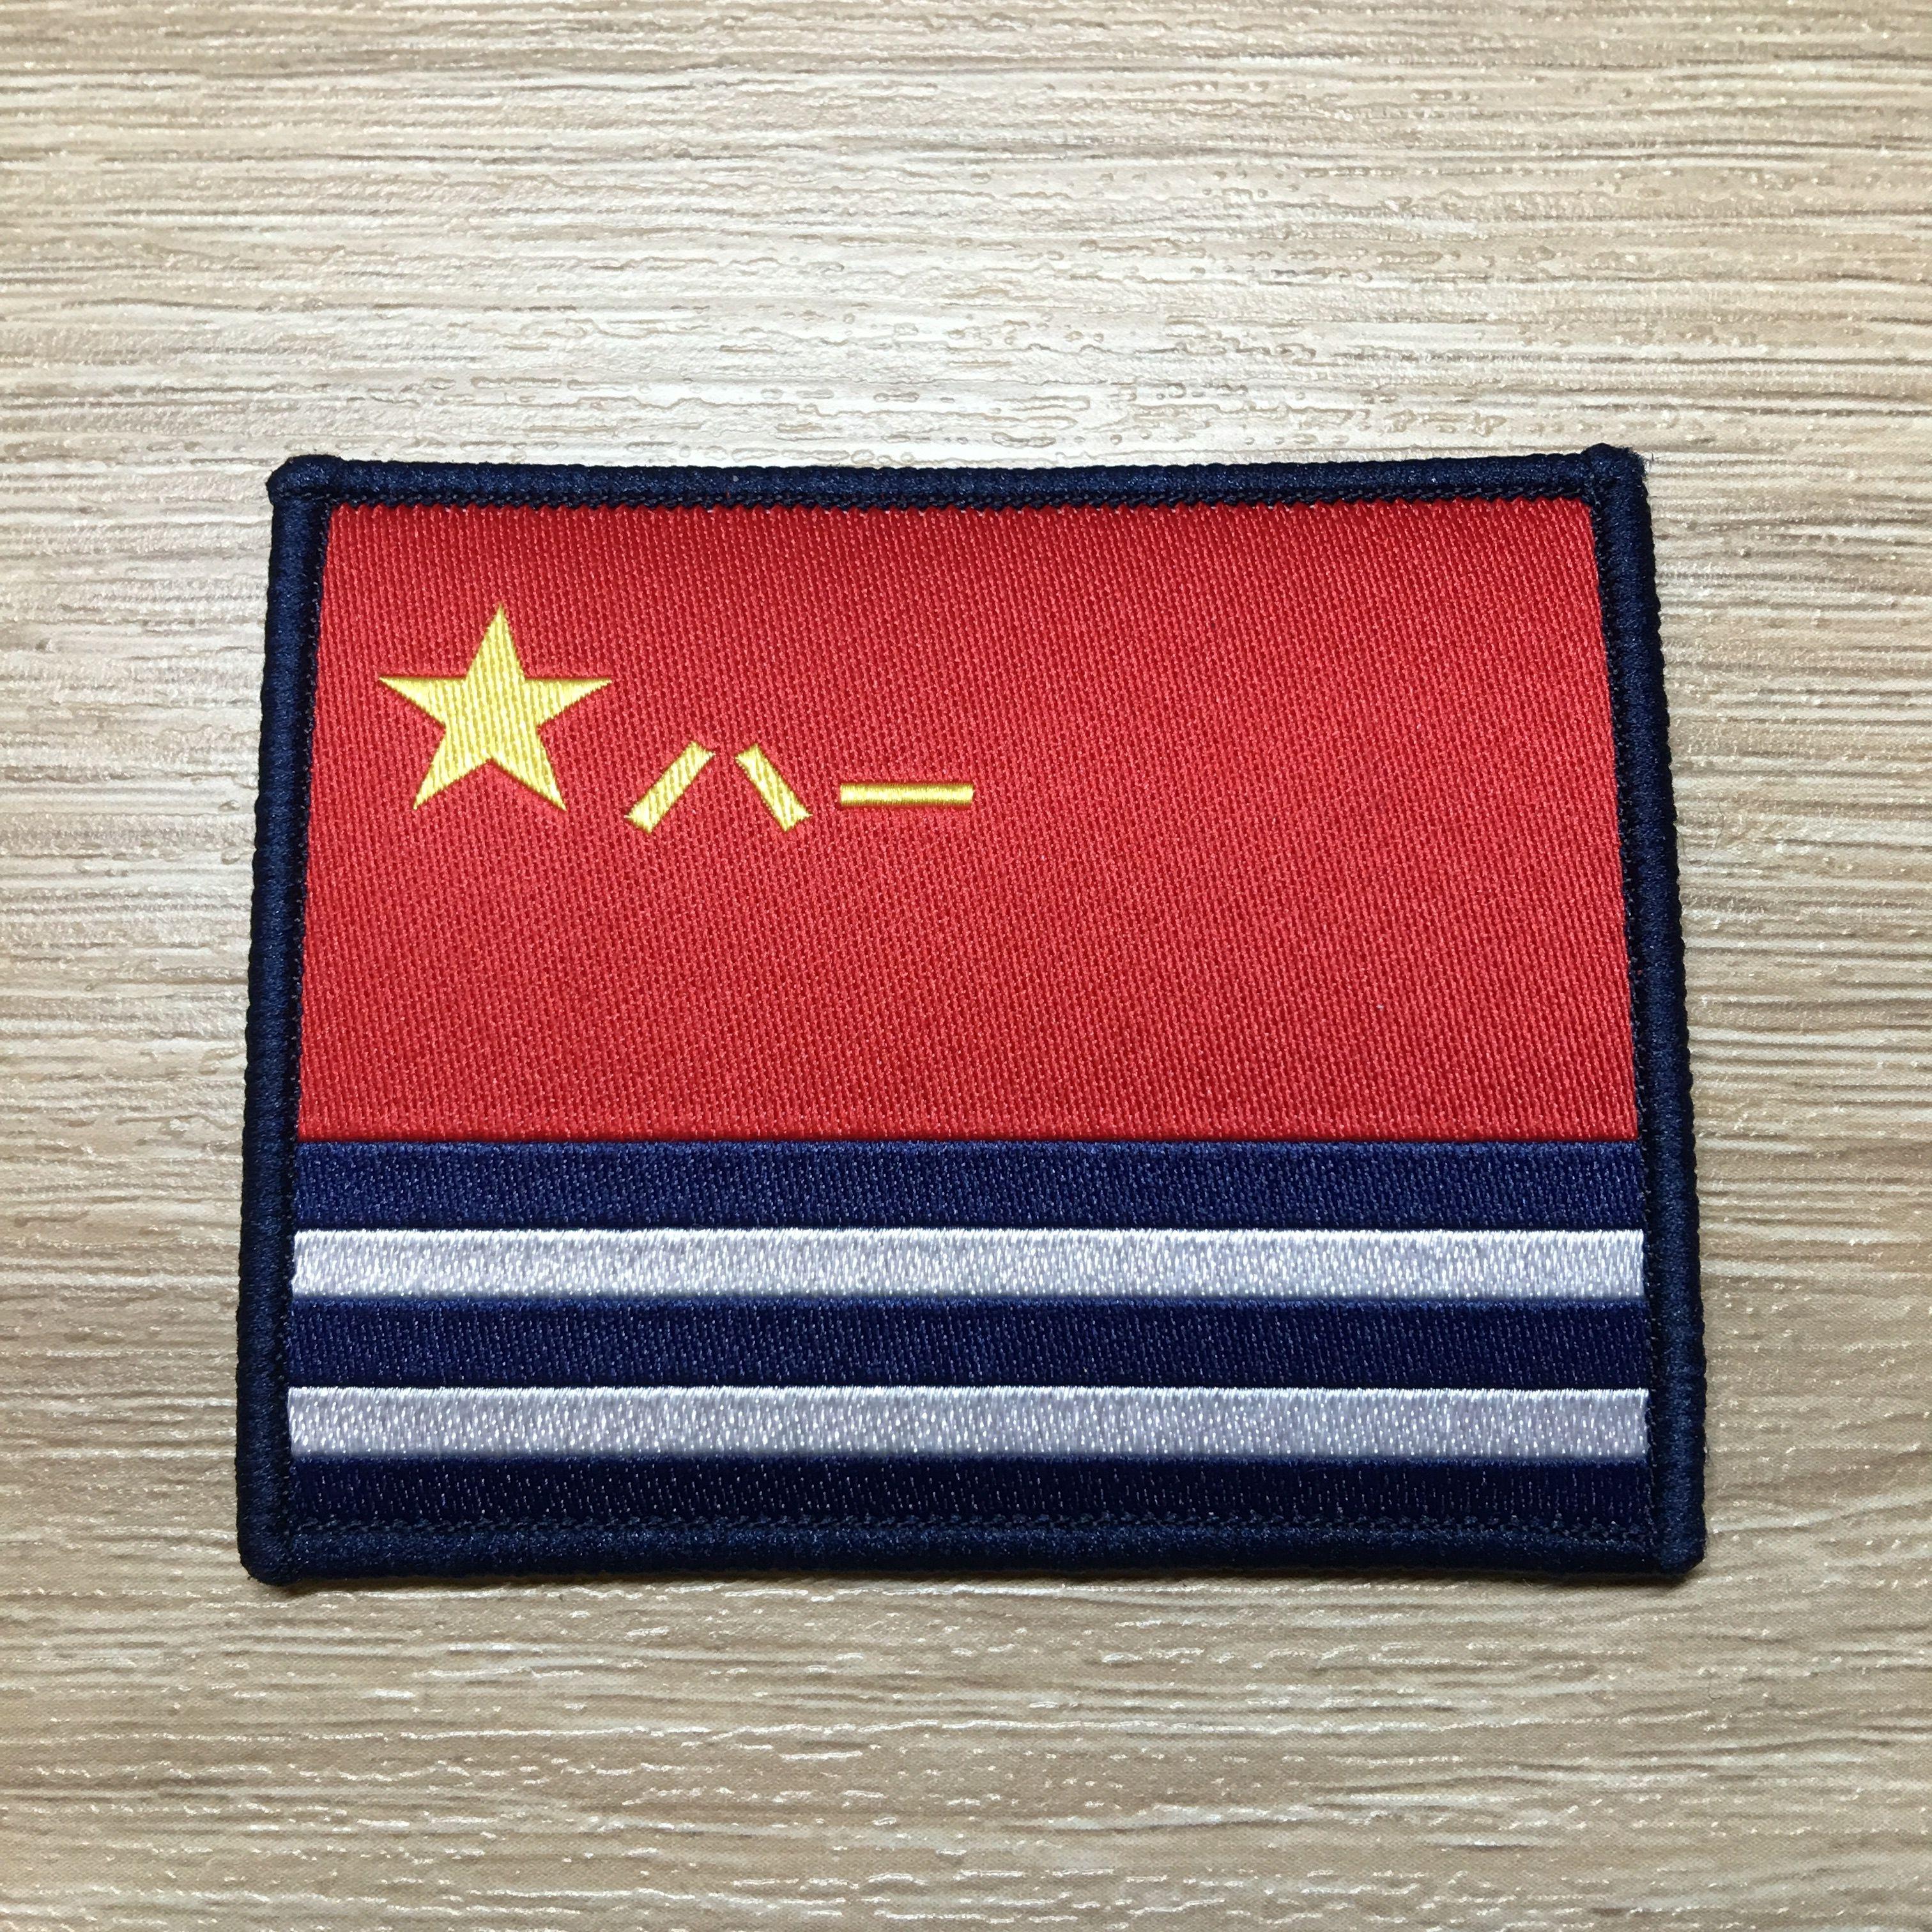 中国人民解放軍 海軍 軍旗 八一 ベルクロワッペン